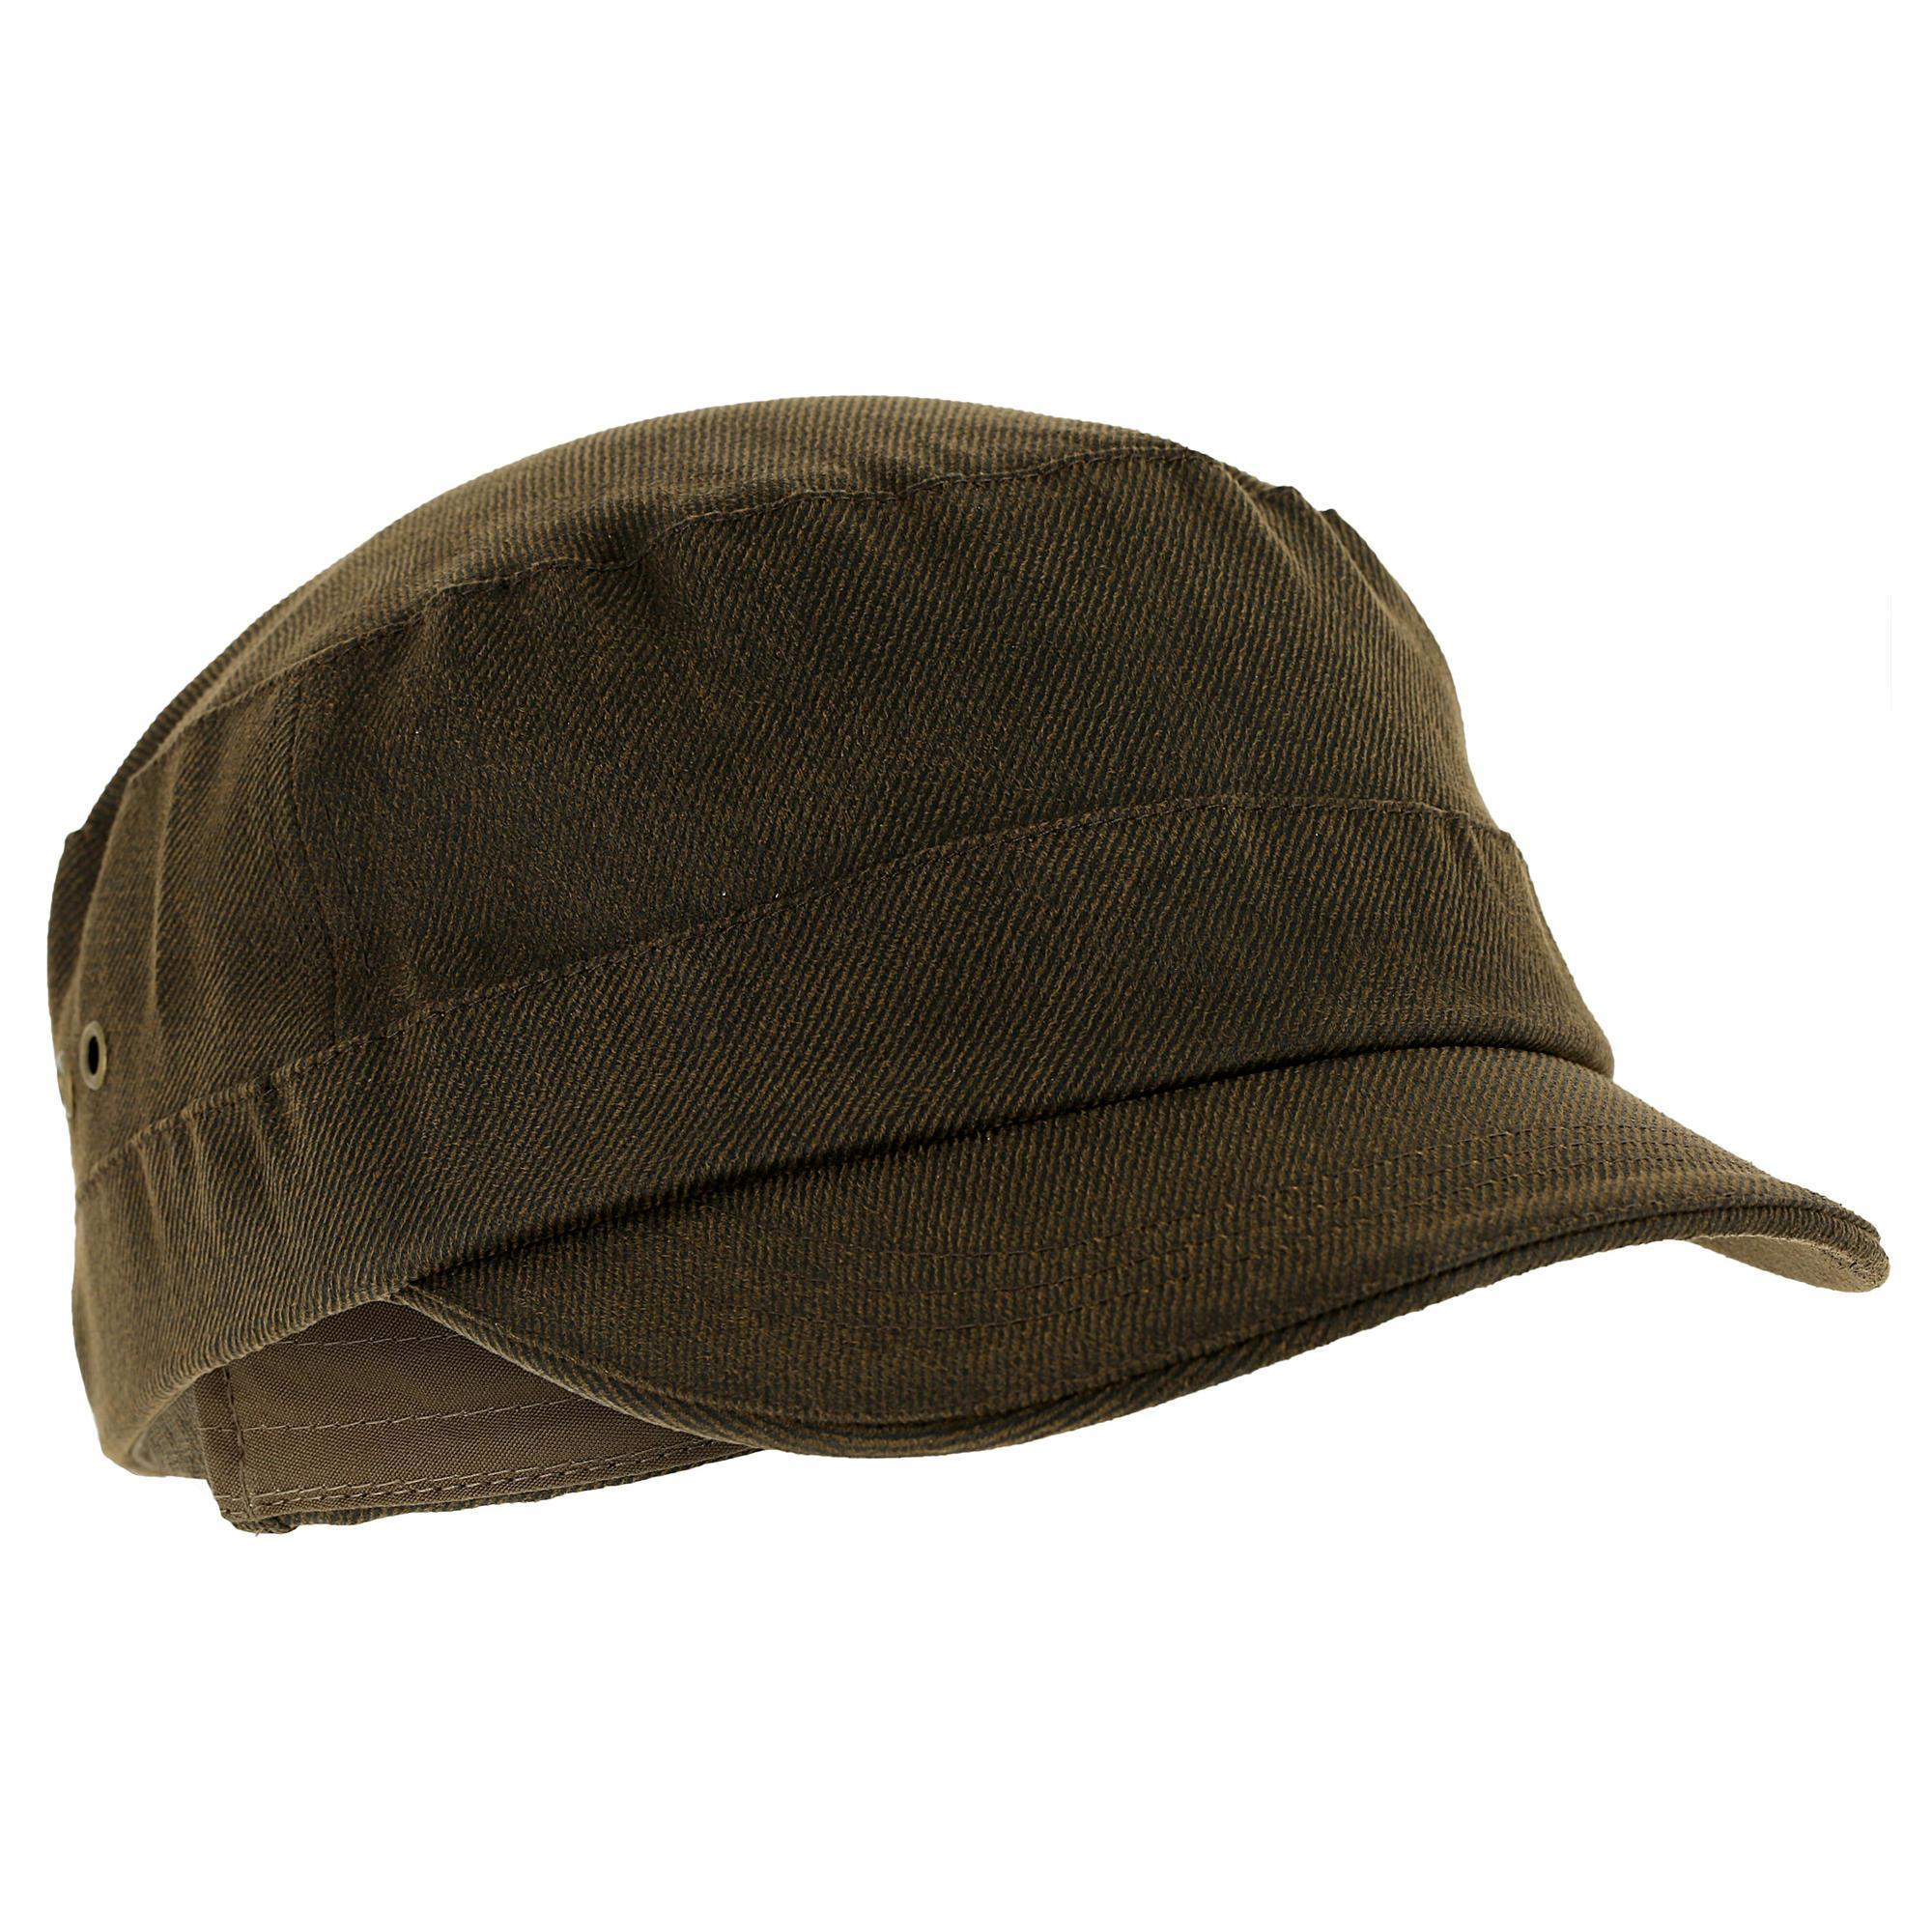 fc4cc62cf0566 Comprar Gorras y Sombreros de Equitación online